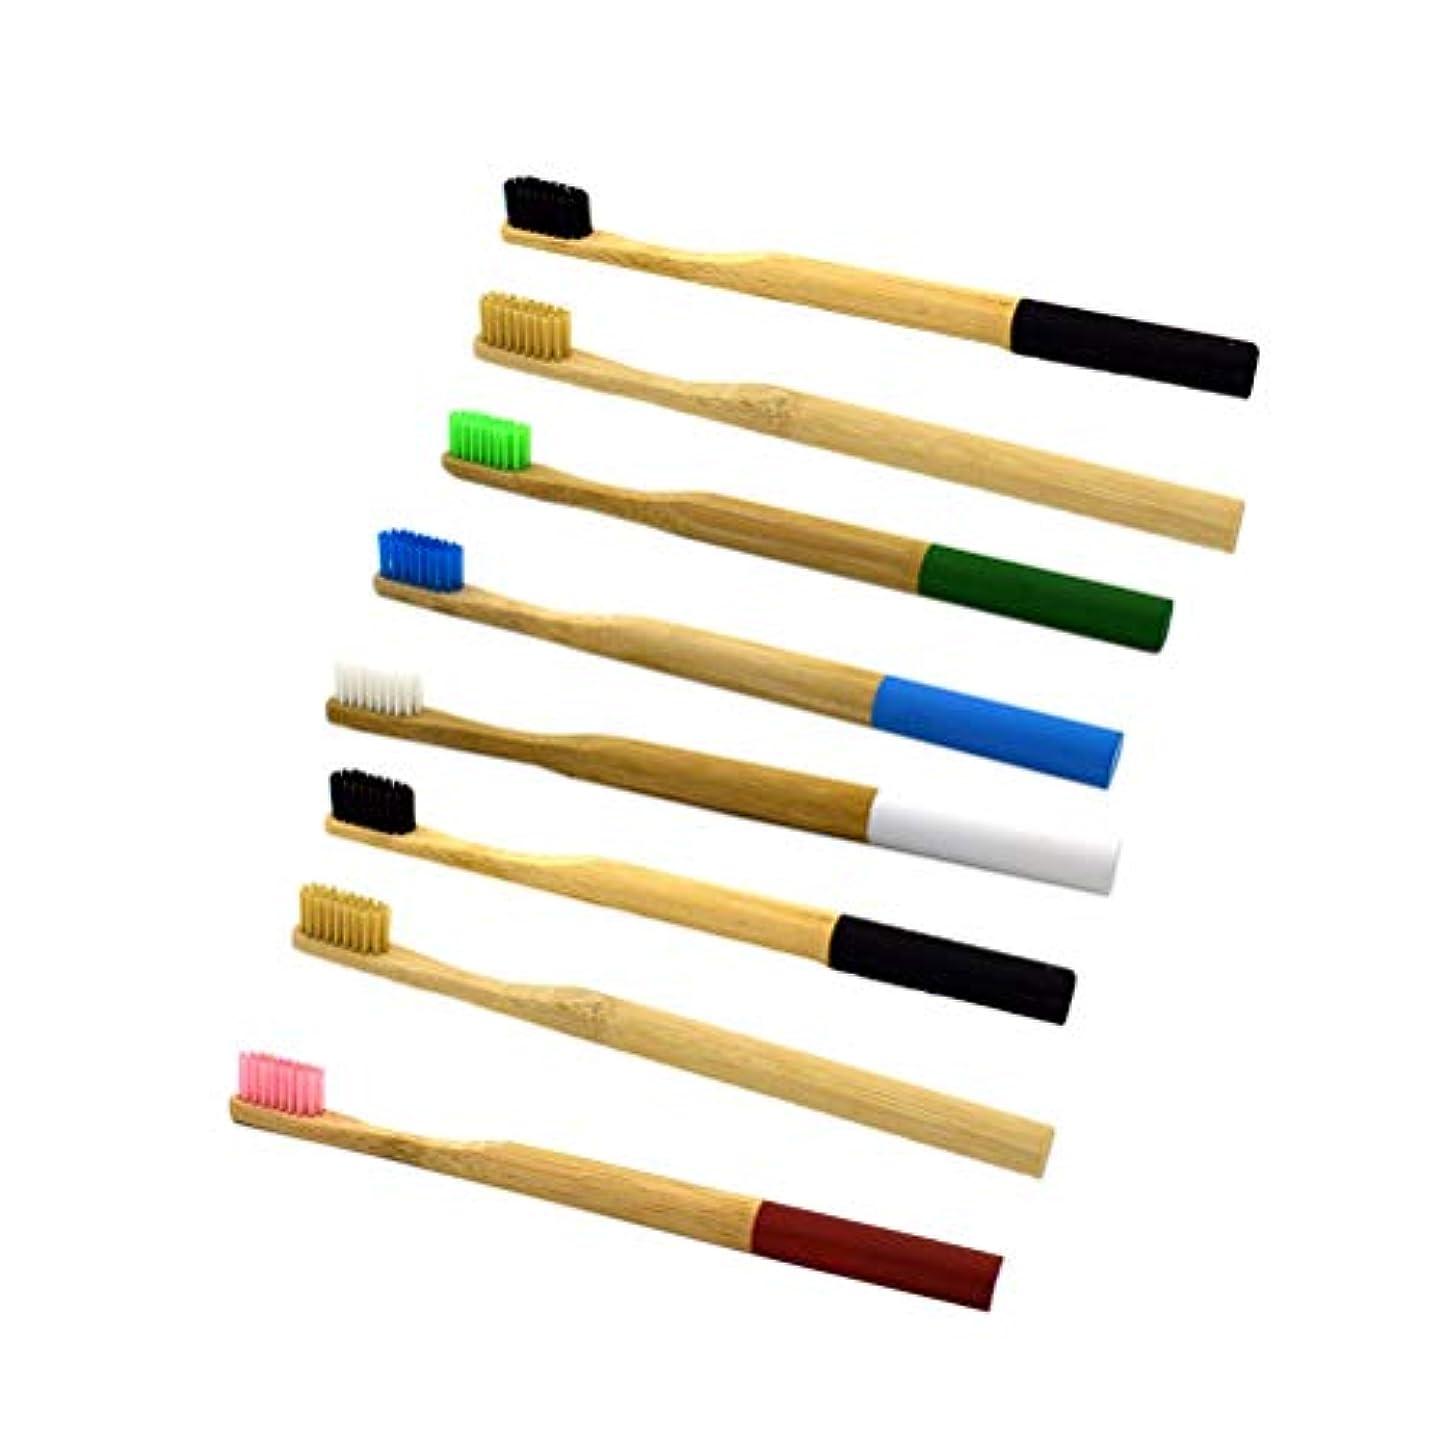 中排気お母さんHealifty 8本 竹炭の歯ブラシ 竹の歯ブラシ 分解性 環境保護の歯ブラシ 天然の柔らかいブラシ 混合色 4本入